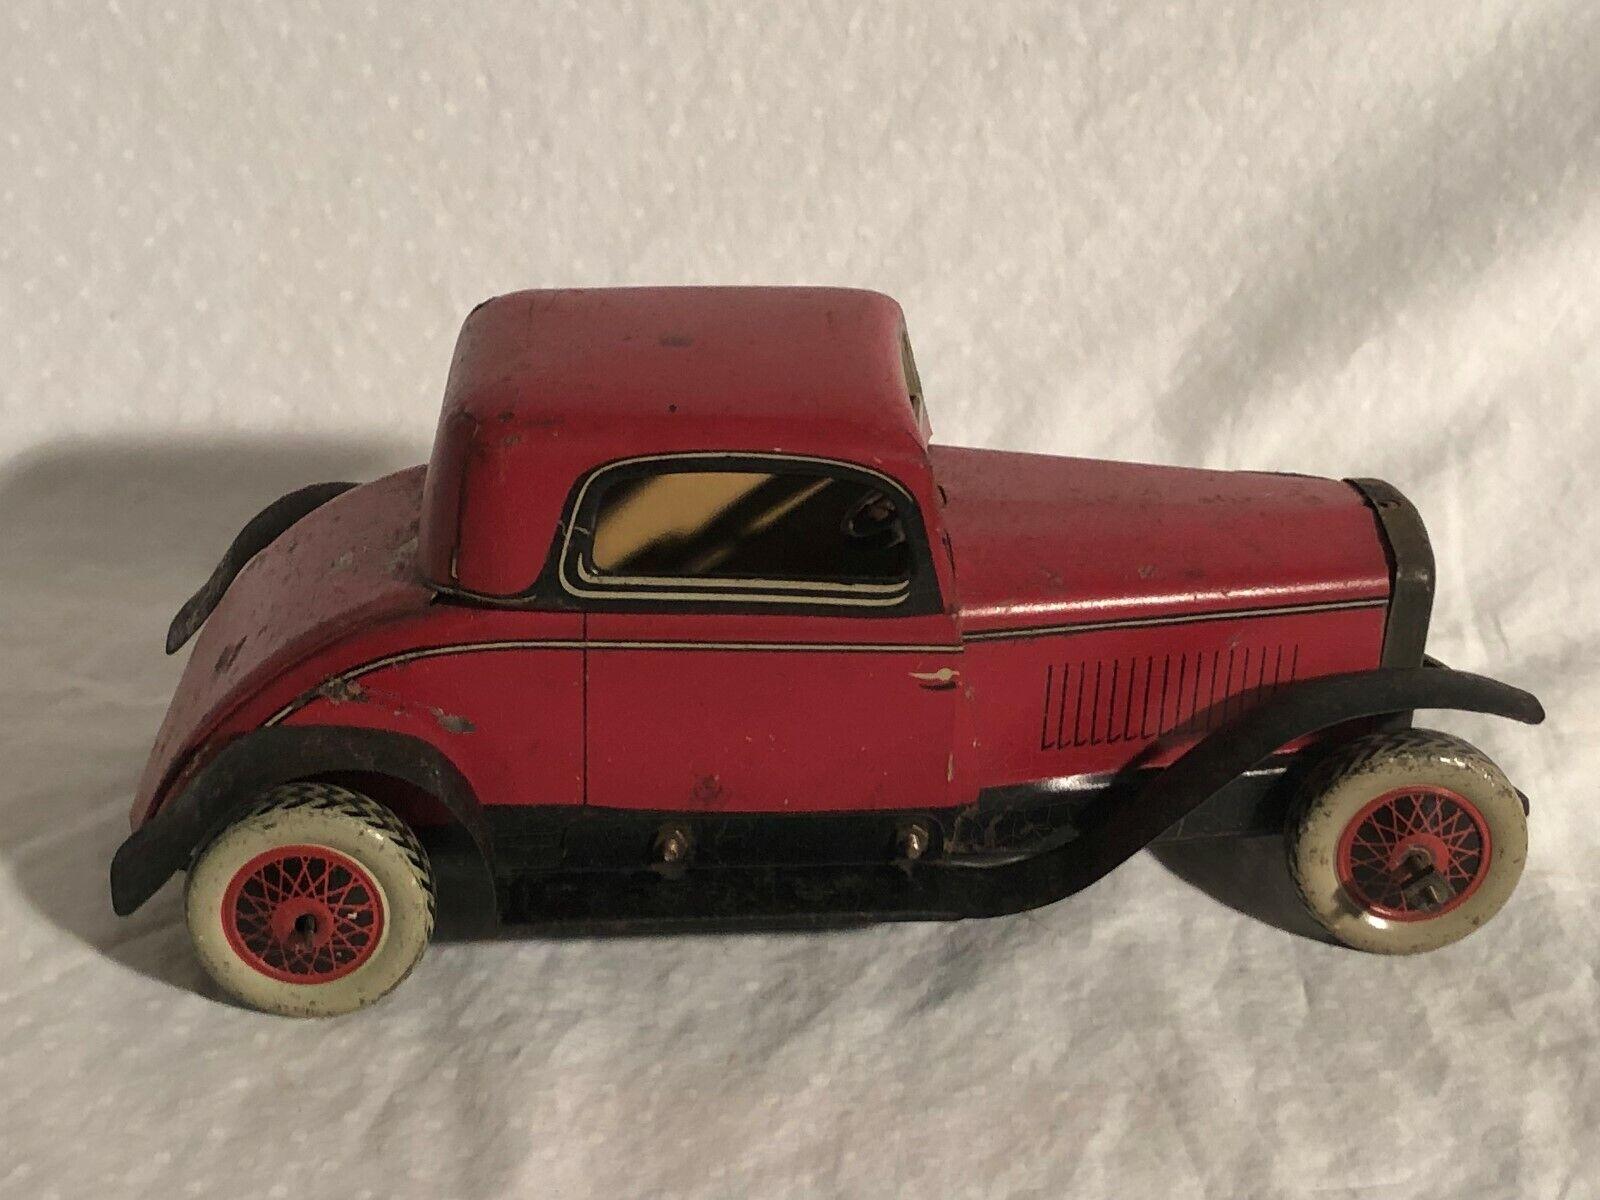 Burnett Spielsachen Blechplatte Aufziehen 1934 Ford Coupe Chad Valley Blech